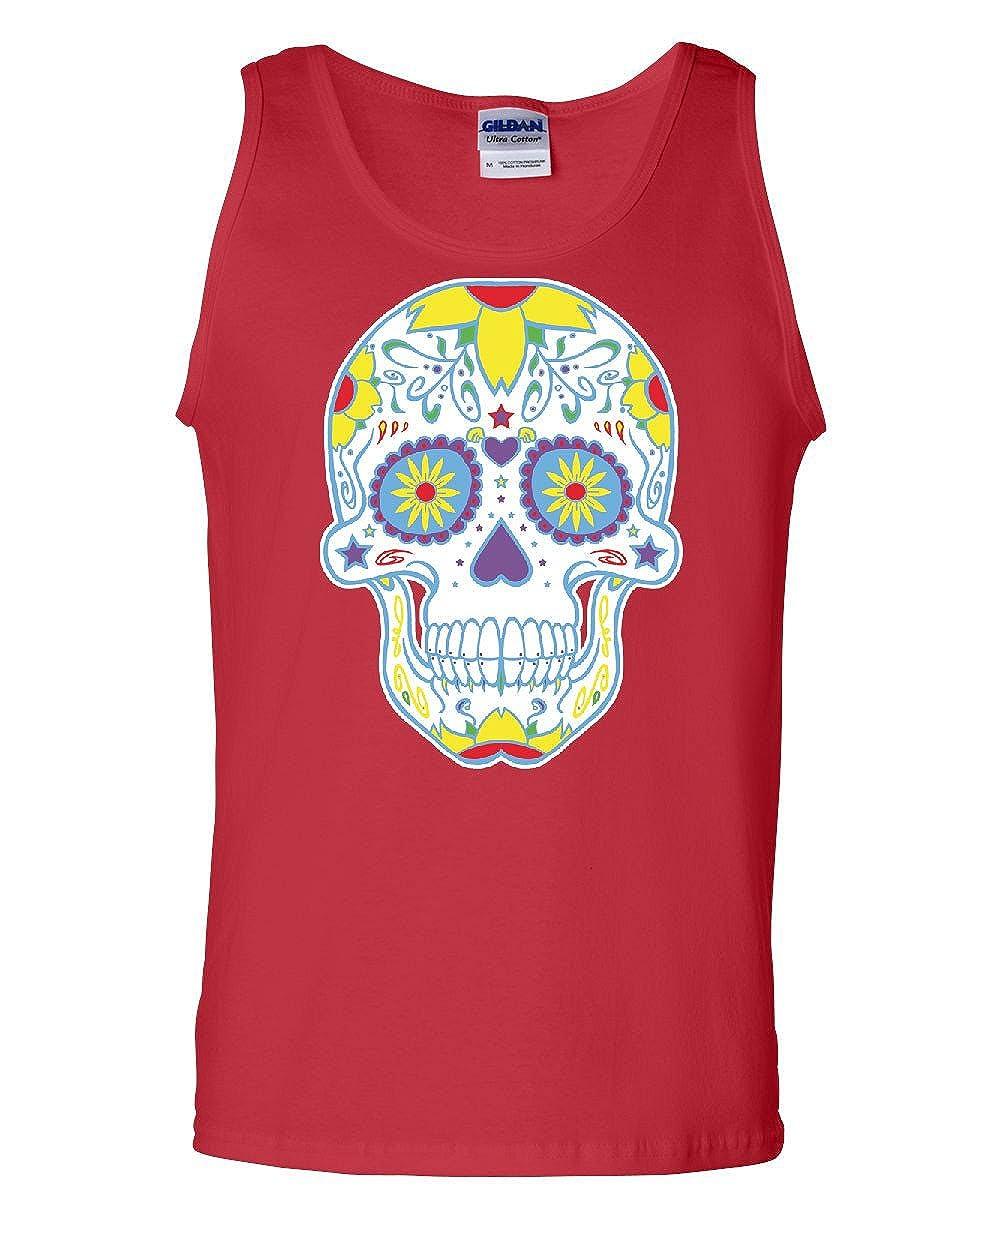 Sugar Skull Day of The Dead Tank Top Calavera Dia de Los Muertos